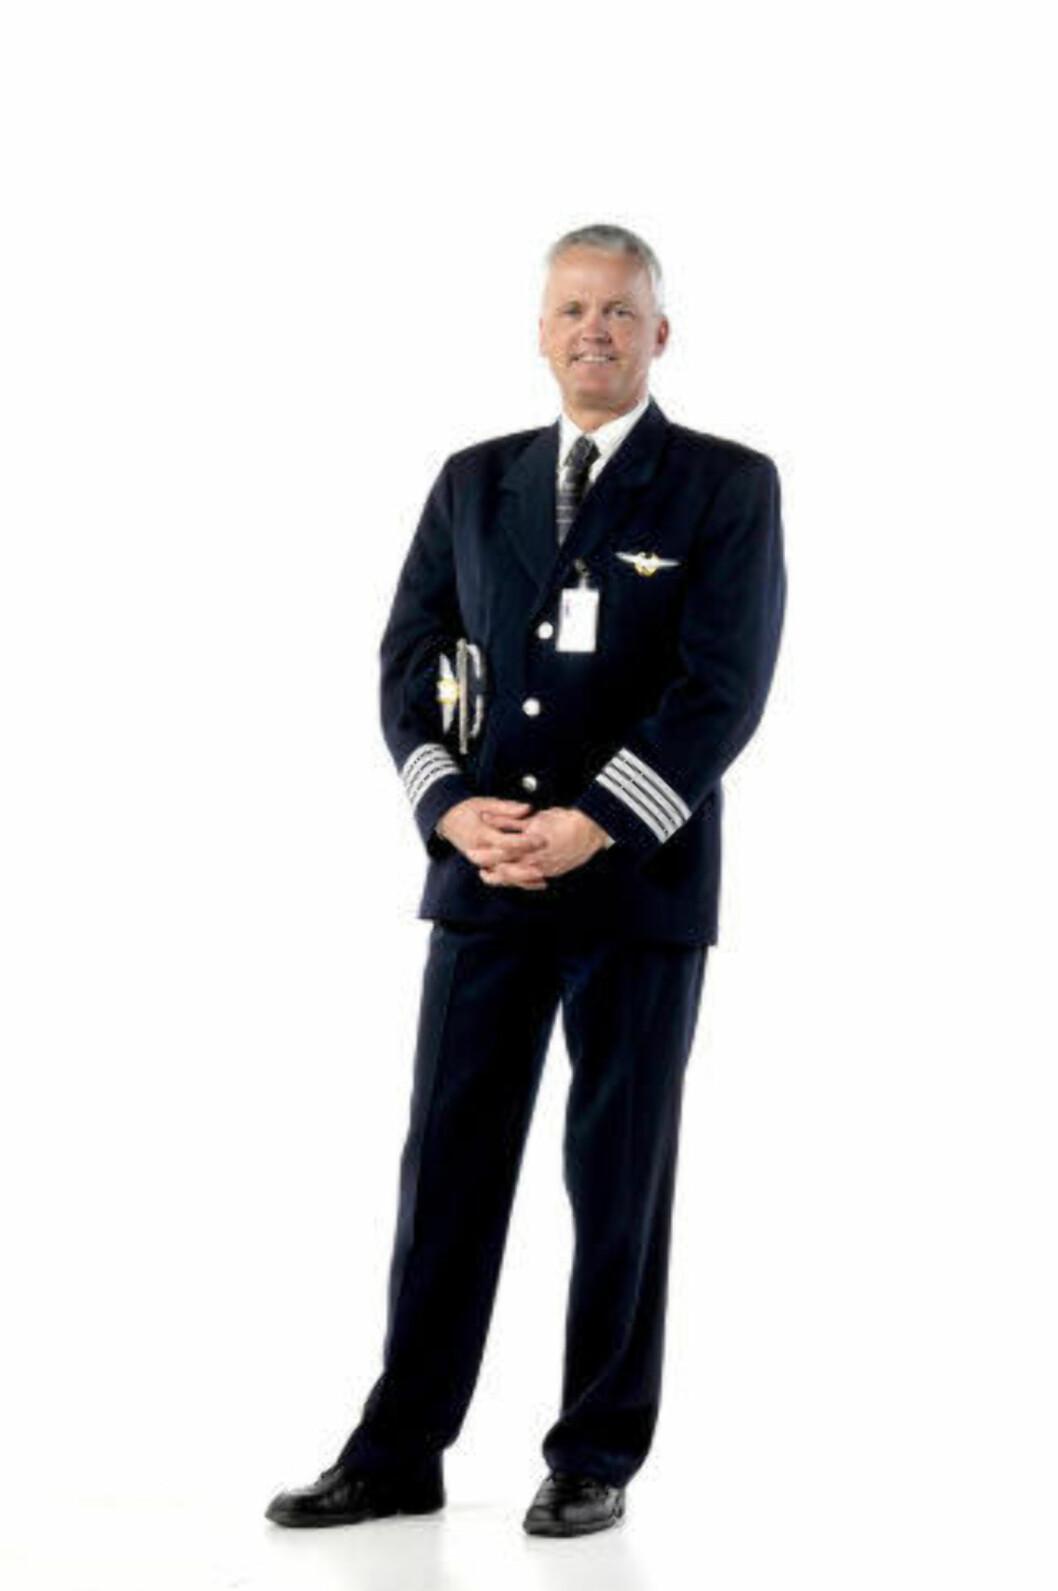 <strong>FLYEKSPERT:</strong> Knut Berger er flykaptein i flyselskapet SAS. Har jobbet som pilot siden 1986, og vært i SAS i ni år. Berger kan svare på spørsmål om alt som har med flyreisen å gjøre: Fra spesifikke flytekniske spørsmål, til råd og tips til dem som er redde eller bekymret for å fly. Foto: HANS ARNE VEDLOG